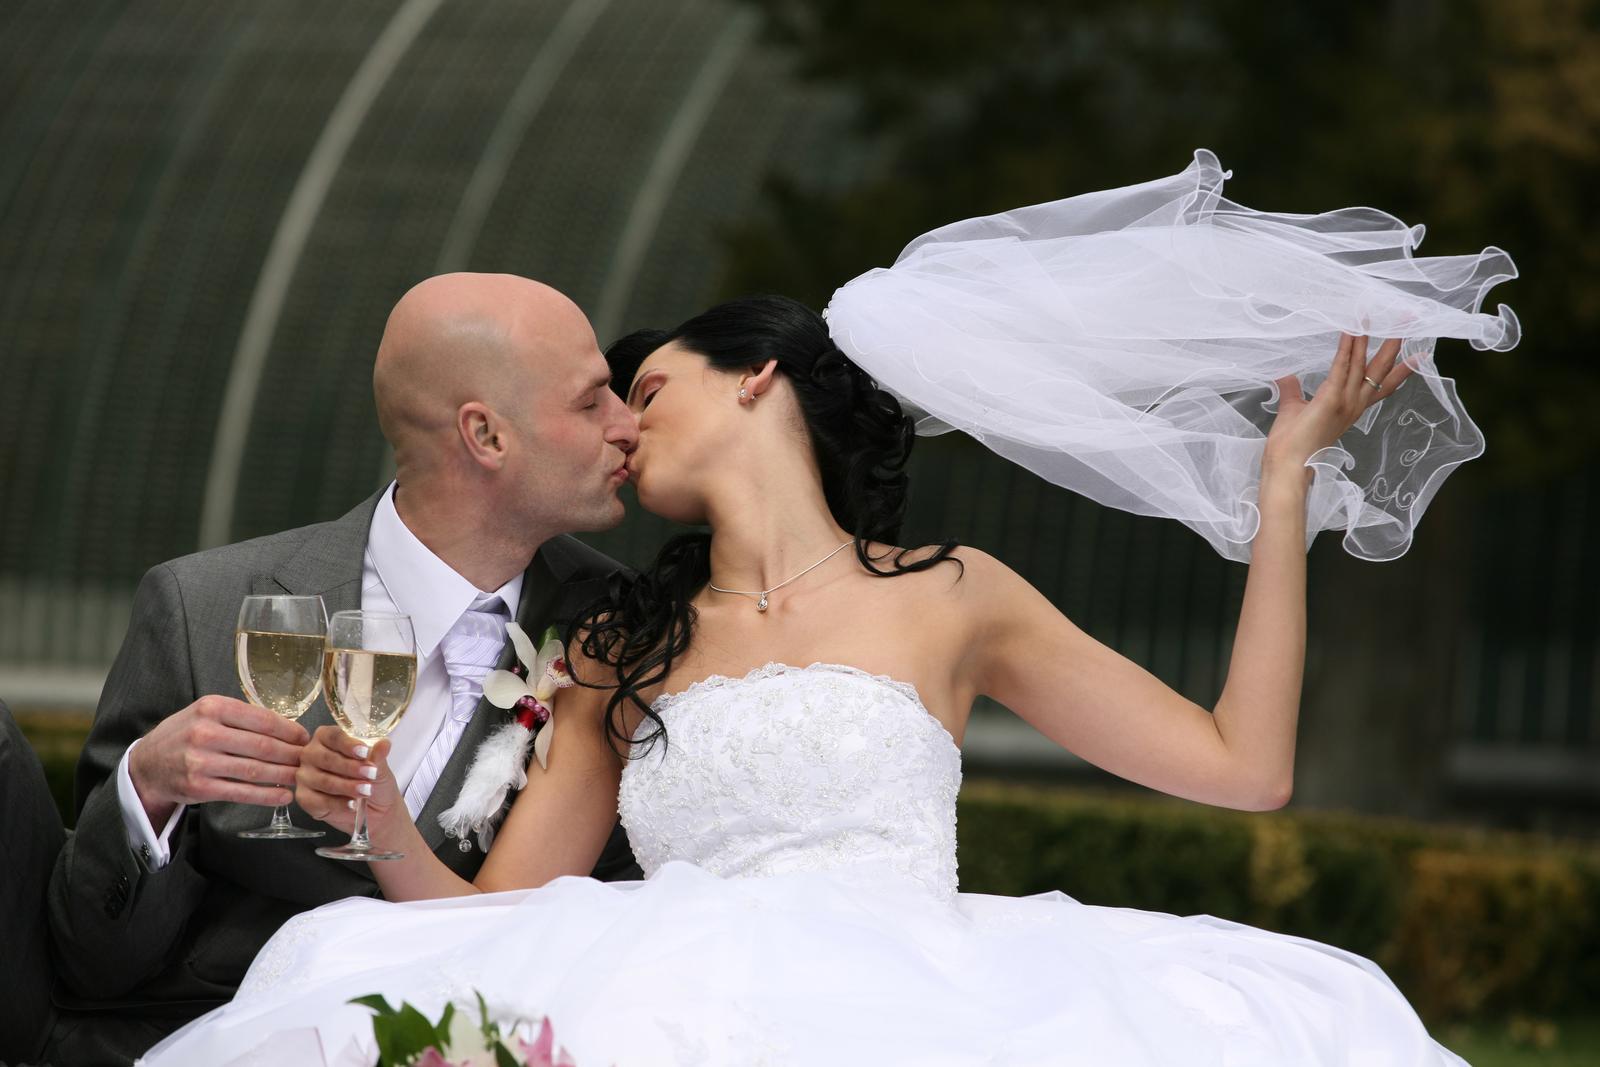 vinomaravilla - Pre lásku nie je dôležité, aby sa ľudia k sebe hodili, ale aby boli spolu šťastní.